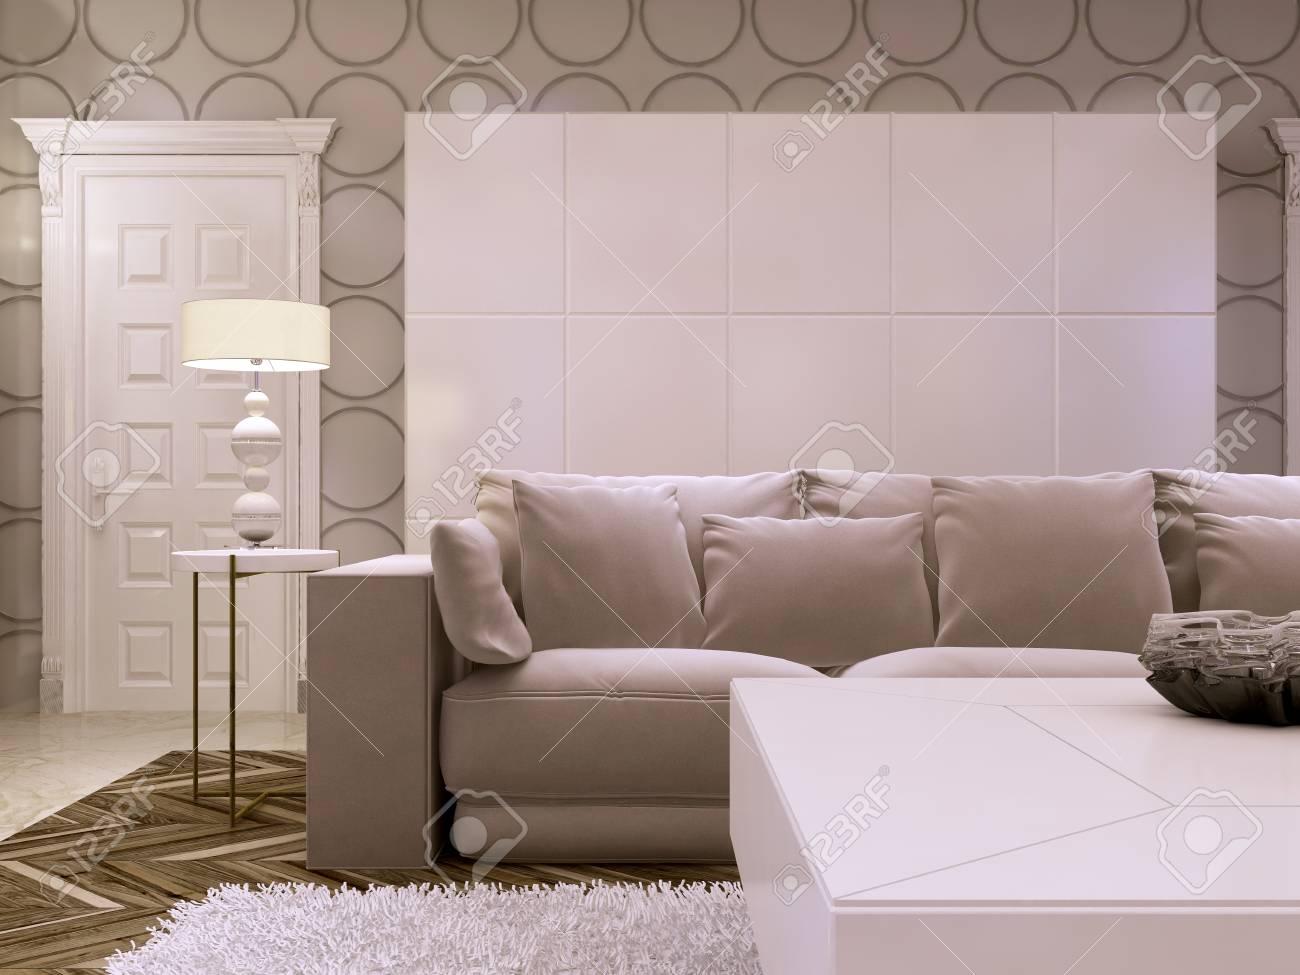 Gran Diseno De Gabinete Blanco En La Sala De Estar Moderna Sofa Con Mesa Auxiliar Y Lampara Render 3d